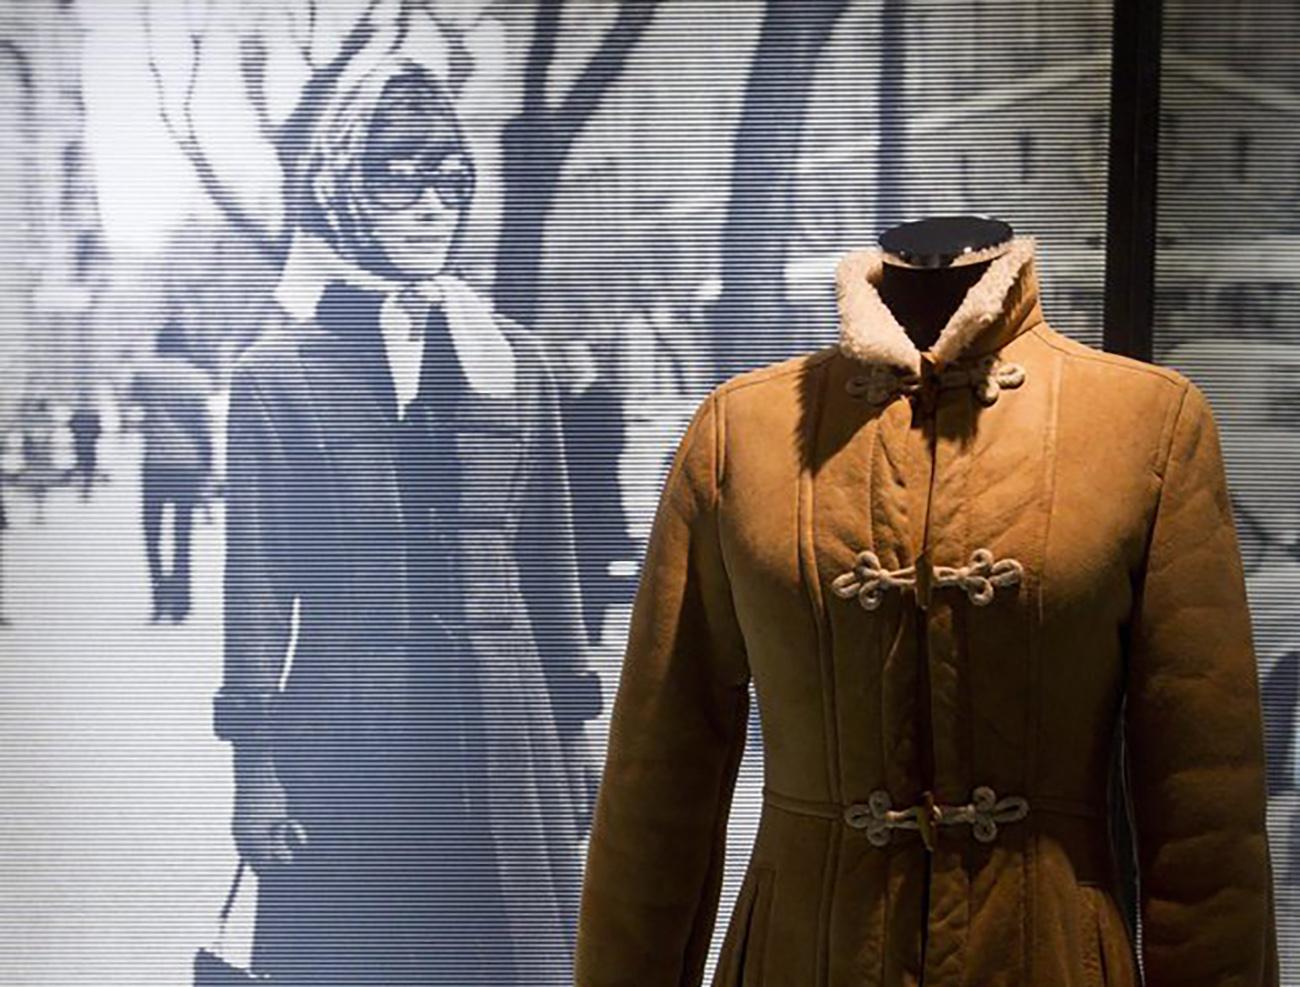 Όντρεϊ Χέπμπορν: Το μεγαλύτερο fashion icon που πέρασε ποτέ από την μεγάλη οθόνη